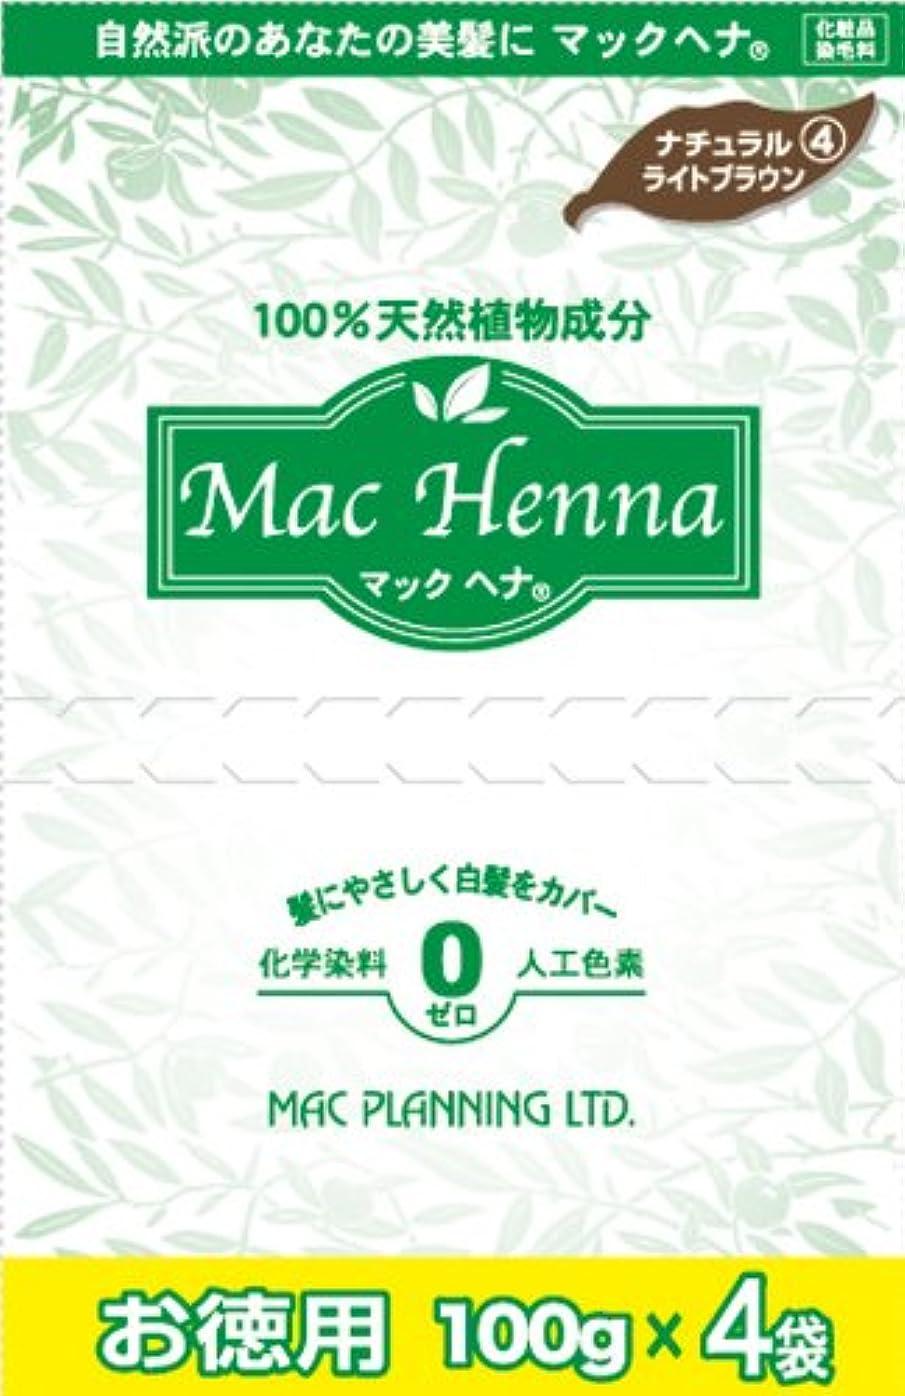 社説余計な参照天然植物原料100% 無添加 マックヘナ お徳用(ナチュラルライトブラウン)-4  400g(100g×4袋)3箱セット